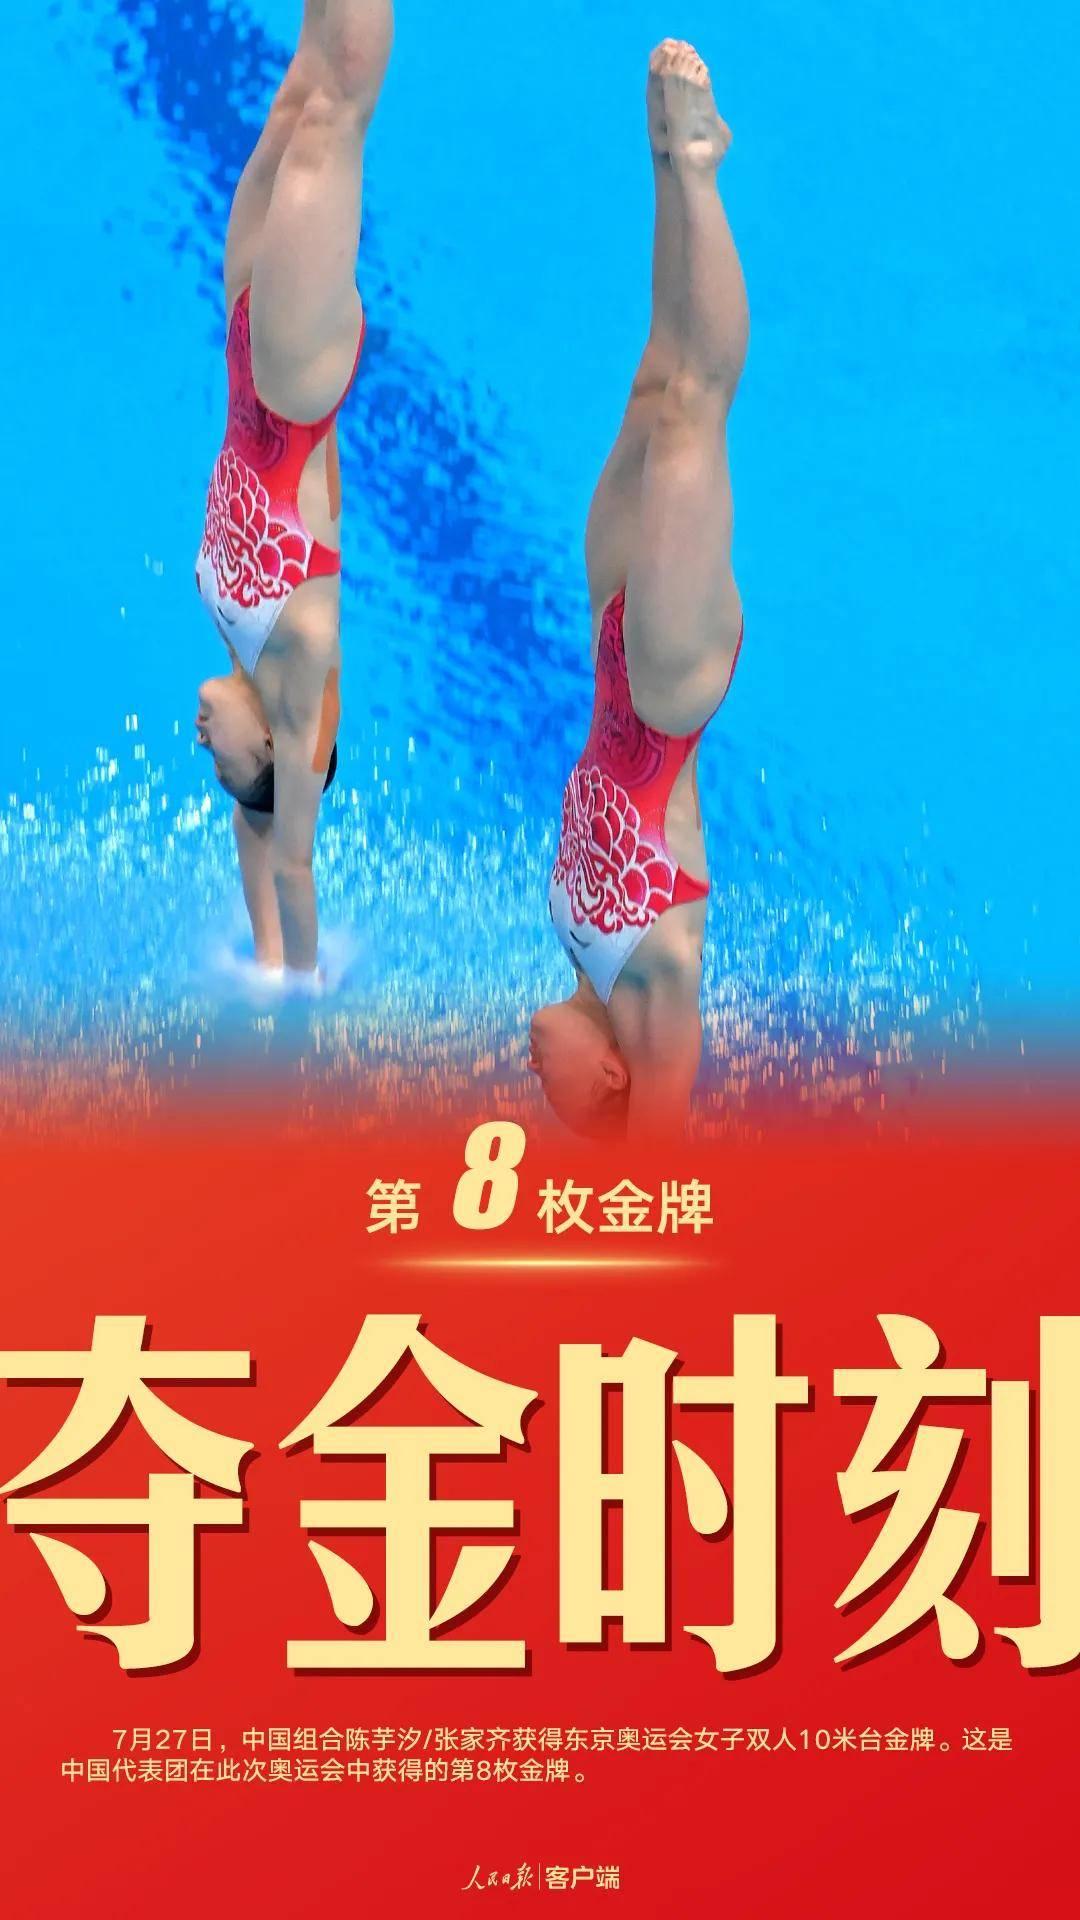 """三组奥运""""九宫格""""已集齐!小编手速赶不上中国夺金速度了..."""